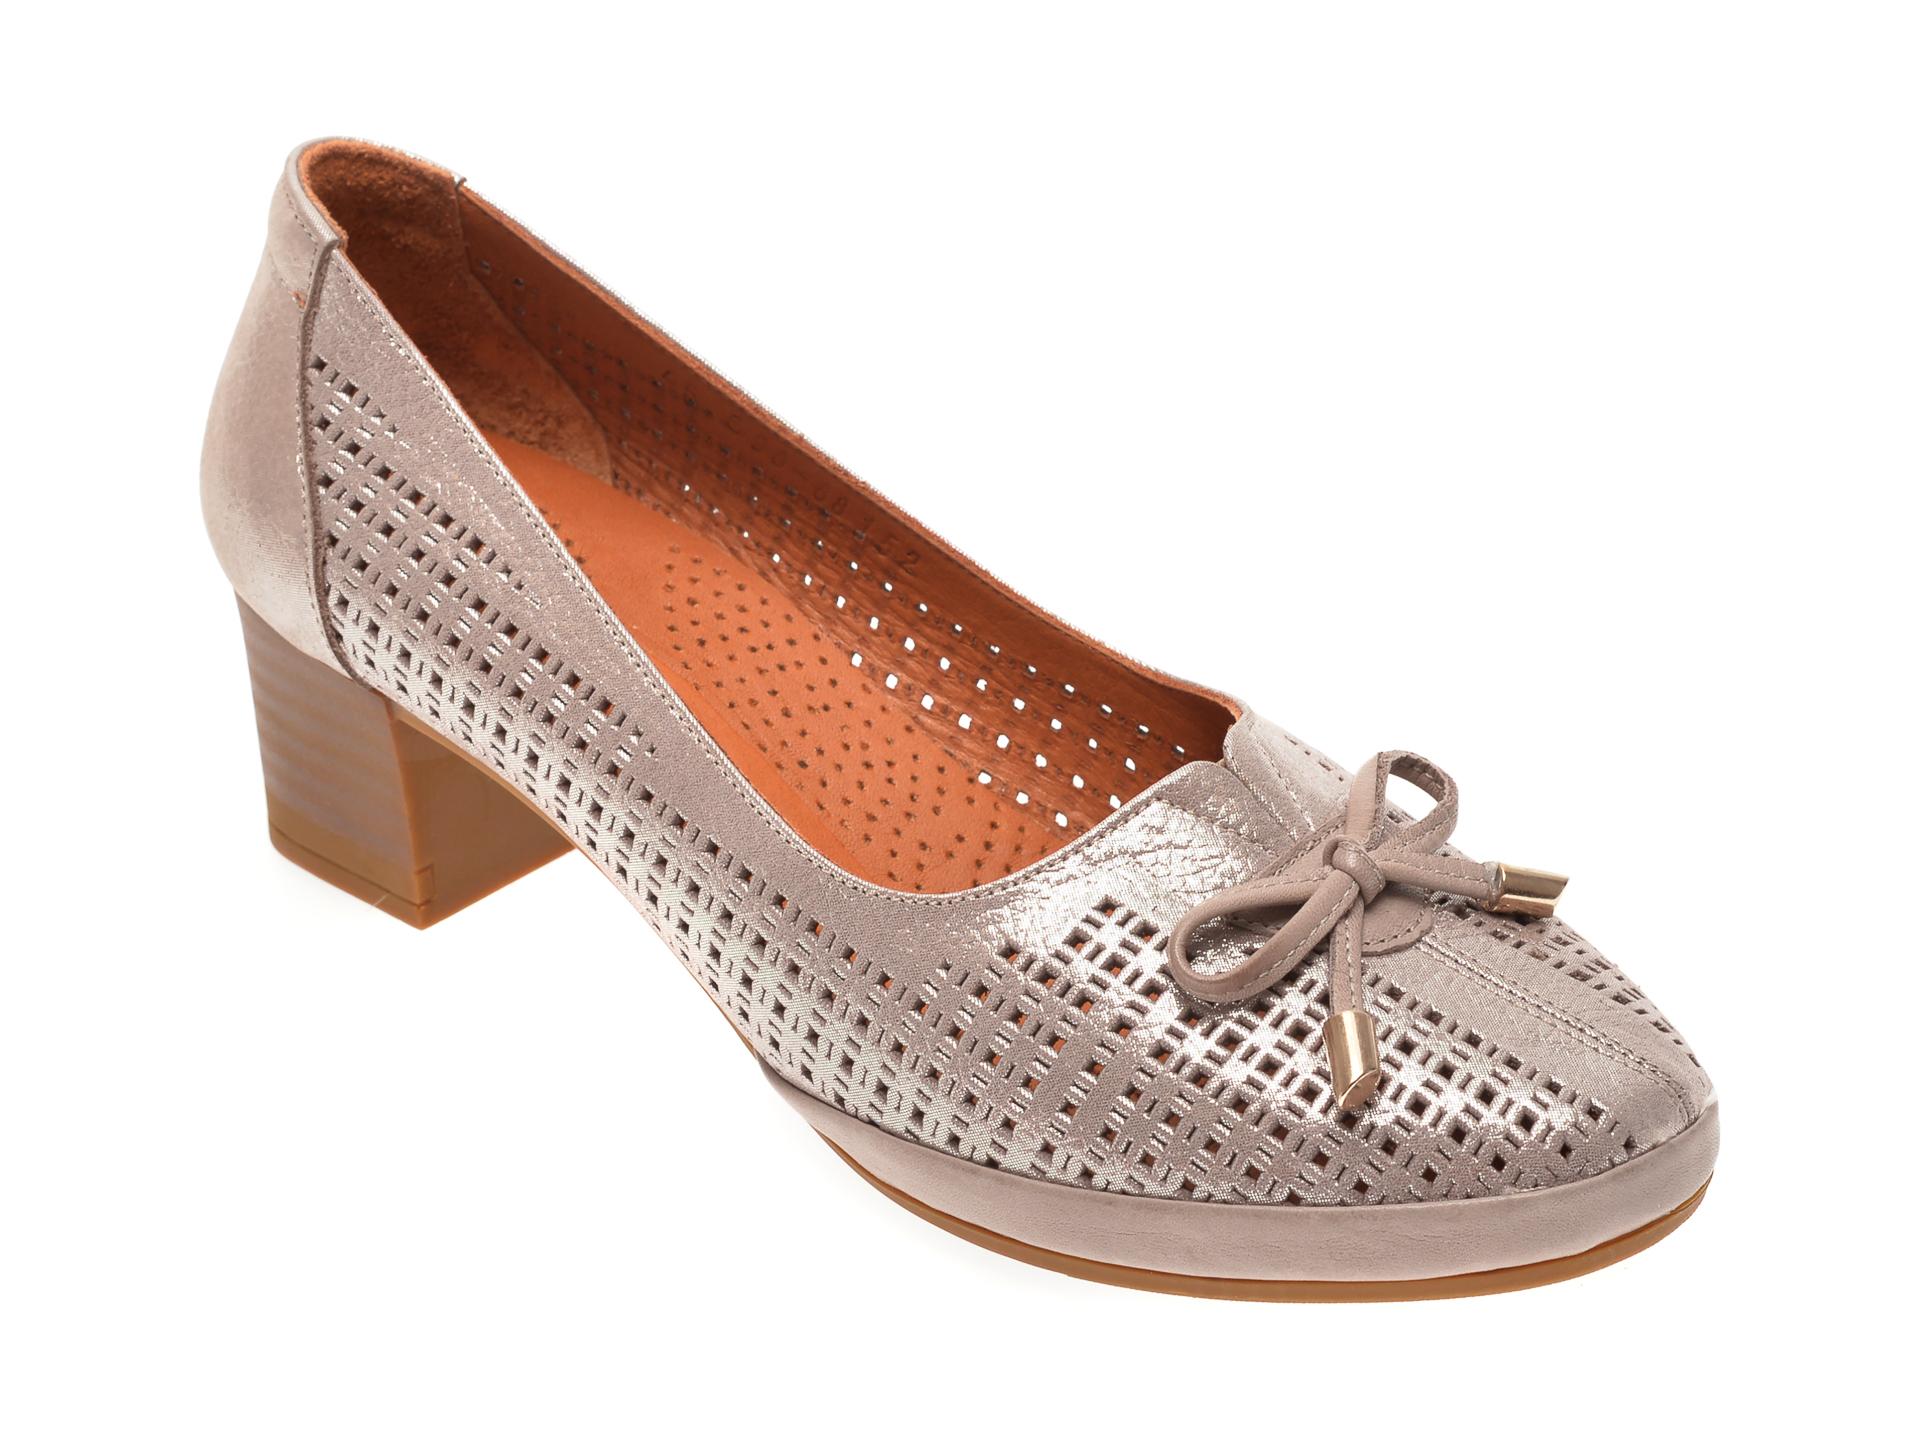 Pantofi FLAVIA PASSINI aurii, 010690, din piele naturala